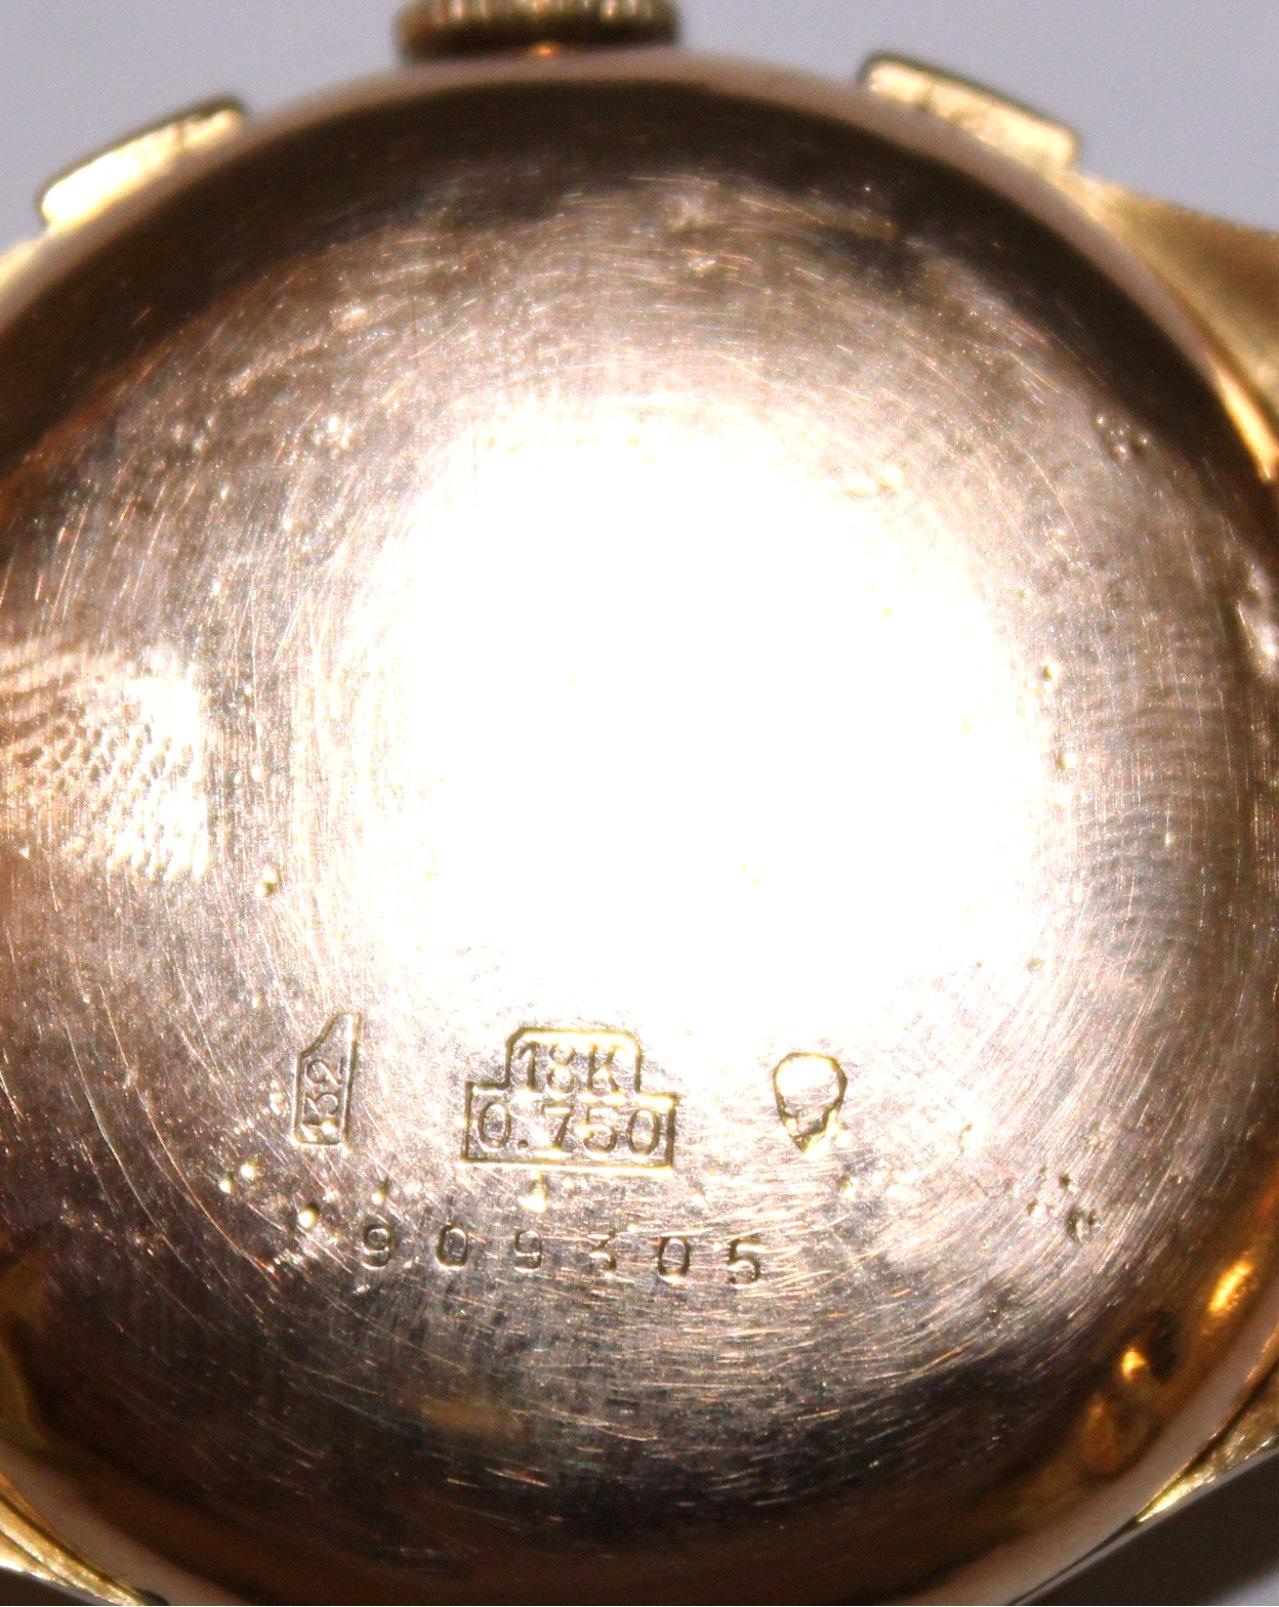 ULTIMOR Chronographe Suisse Herrenarmbanduhr-2